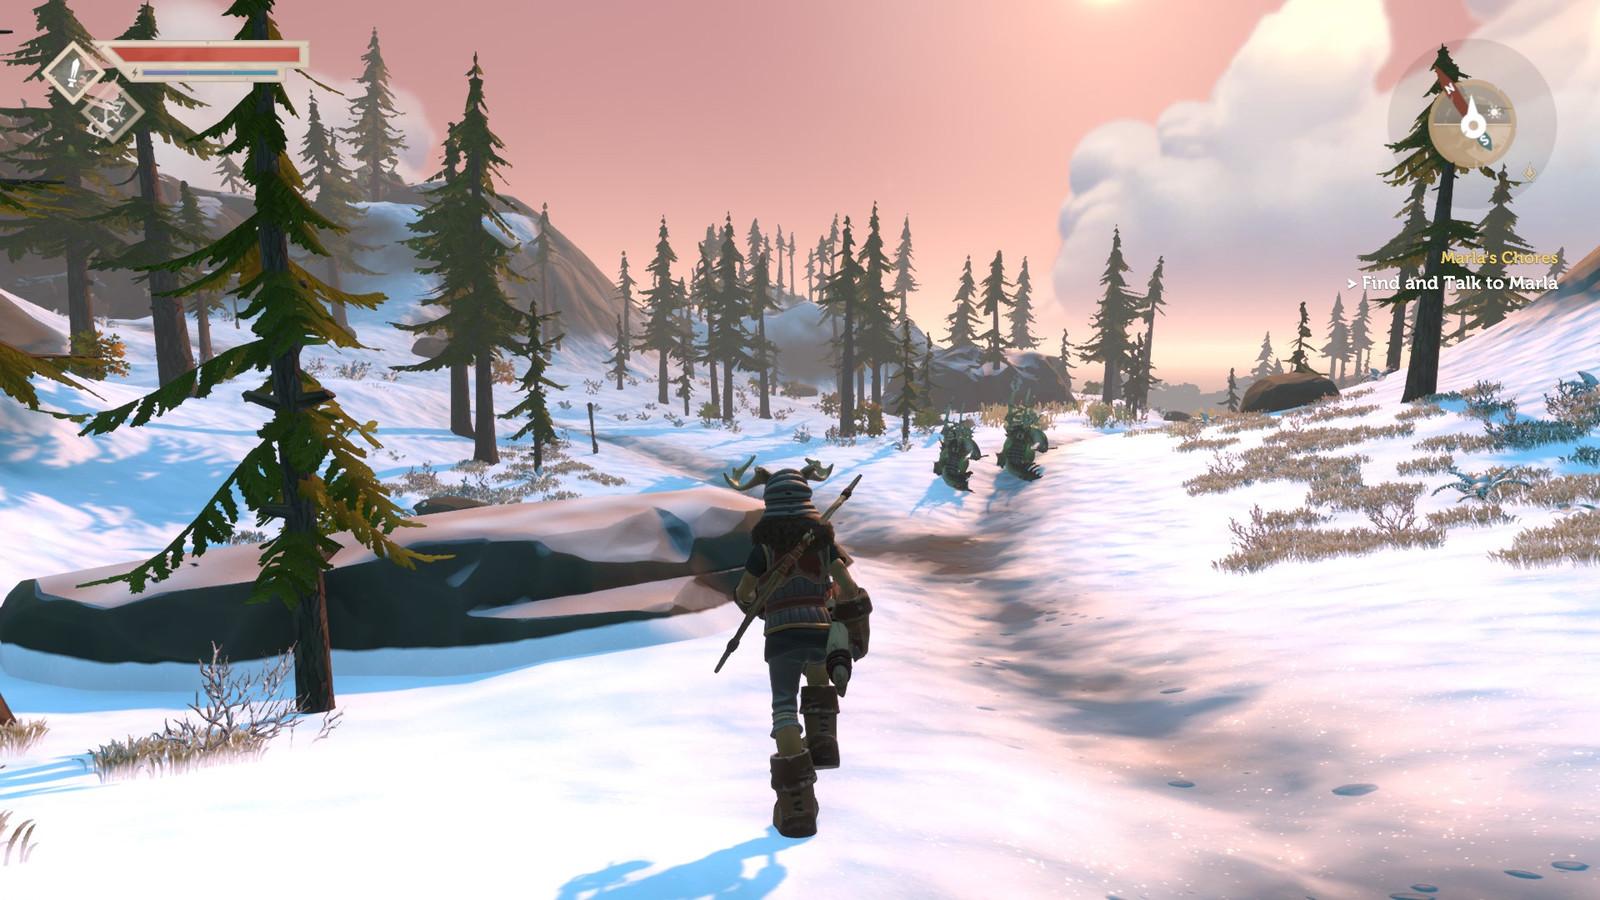 Screenshot uit de game 'Pine'.